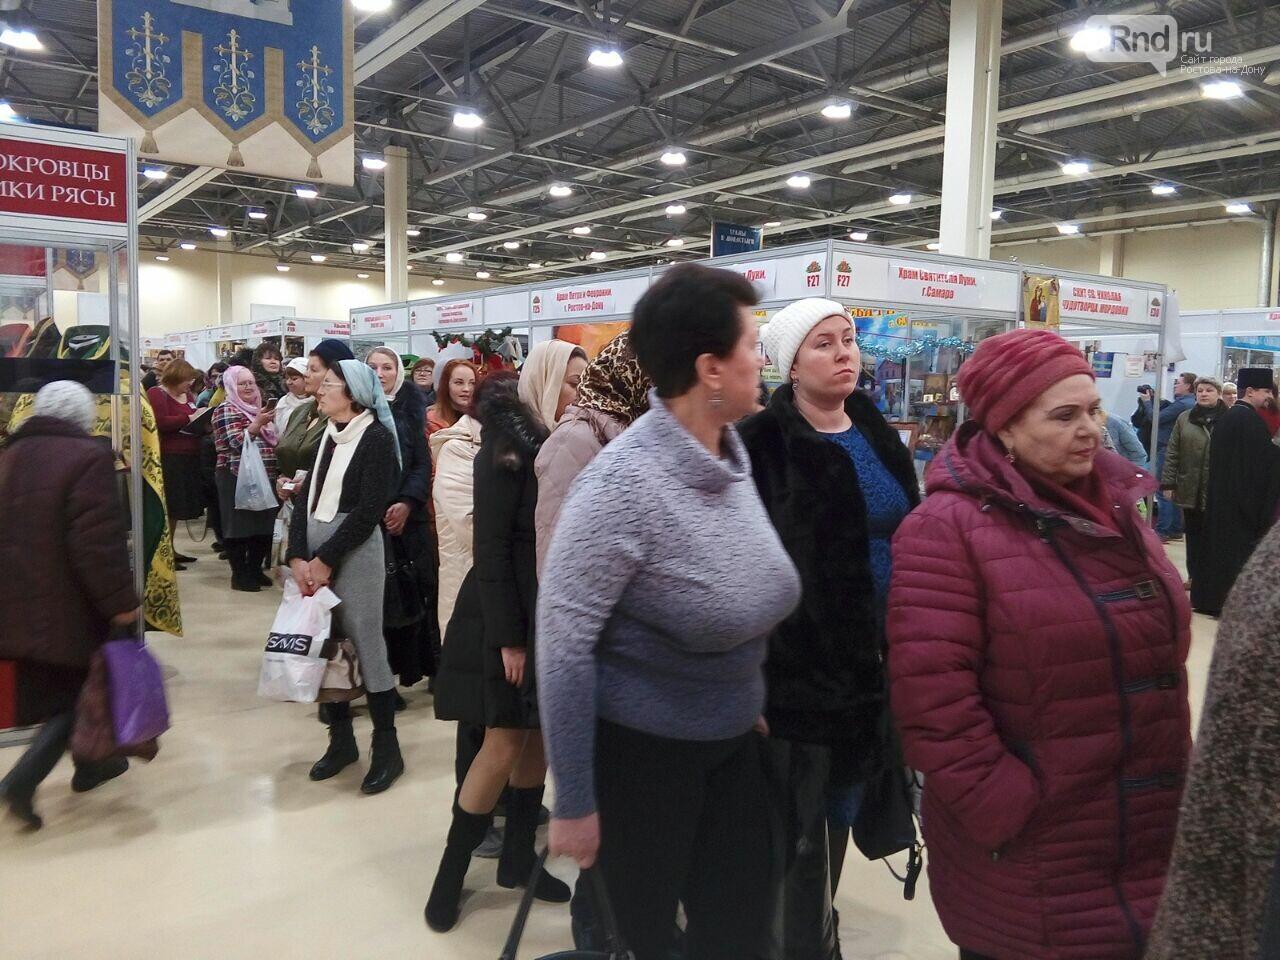 Огромная очередь выстроилась на поклонение иконе и мощам Серафима Саровского в Ростове, фото-1